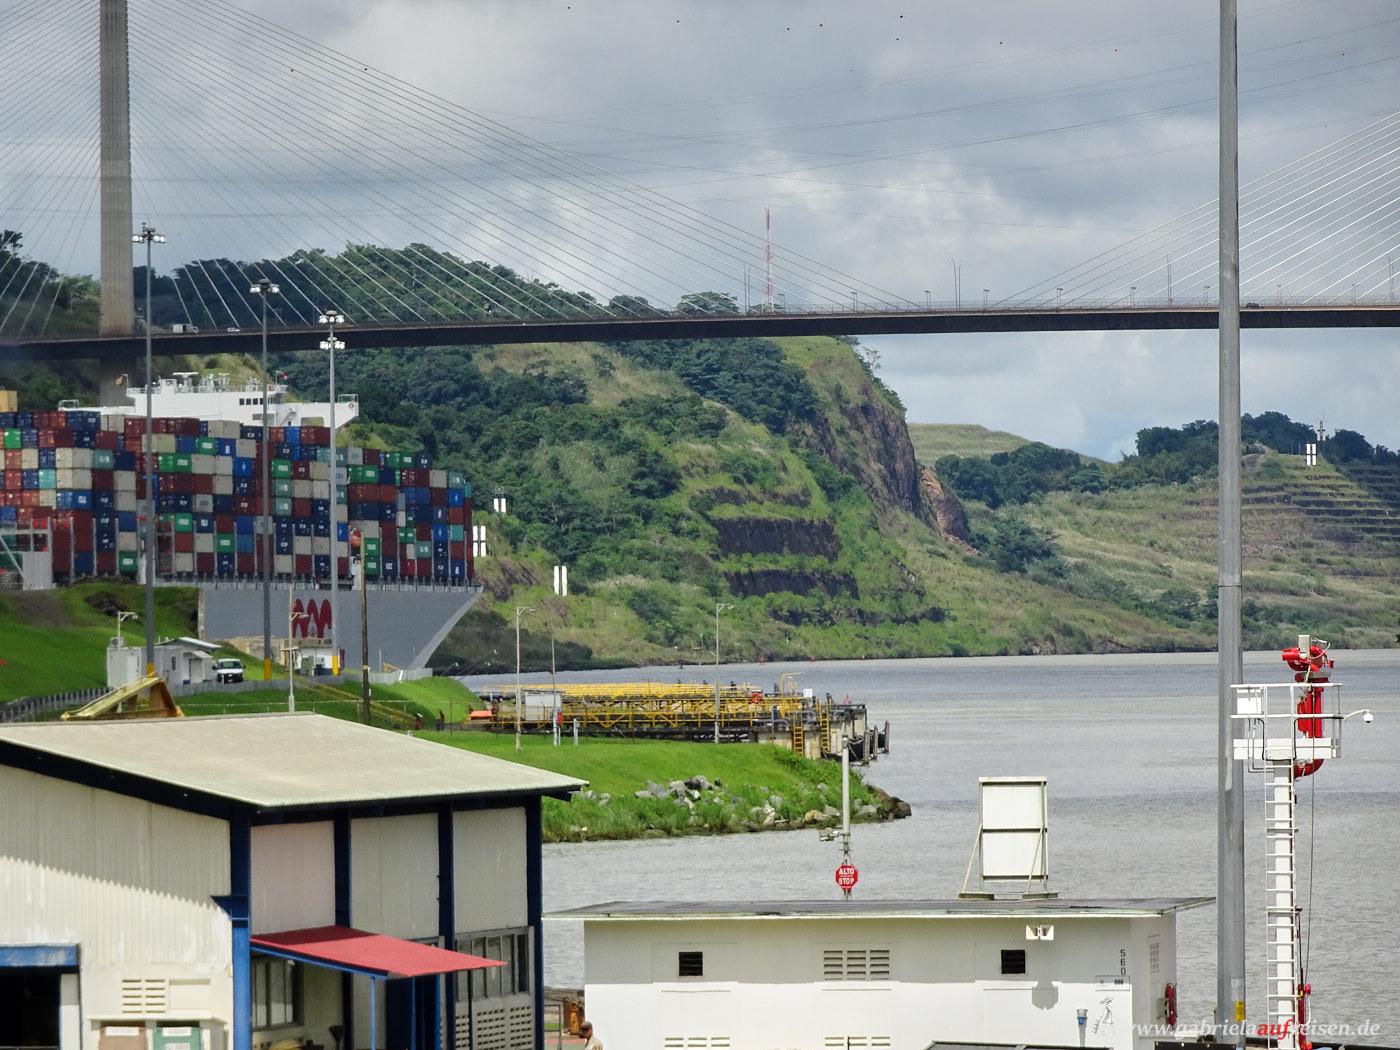 Brücke über den Panama Kanal